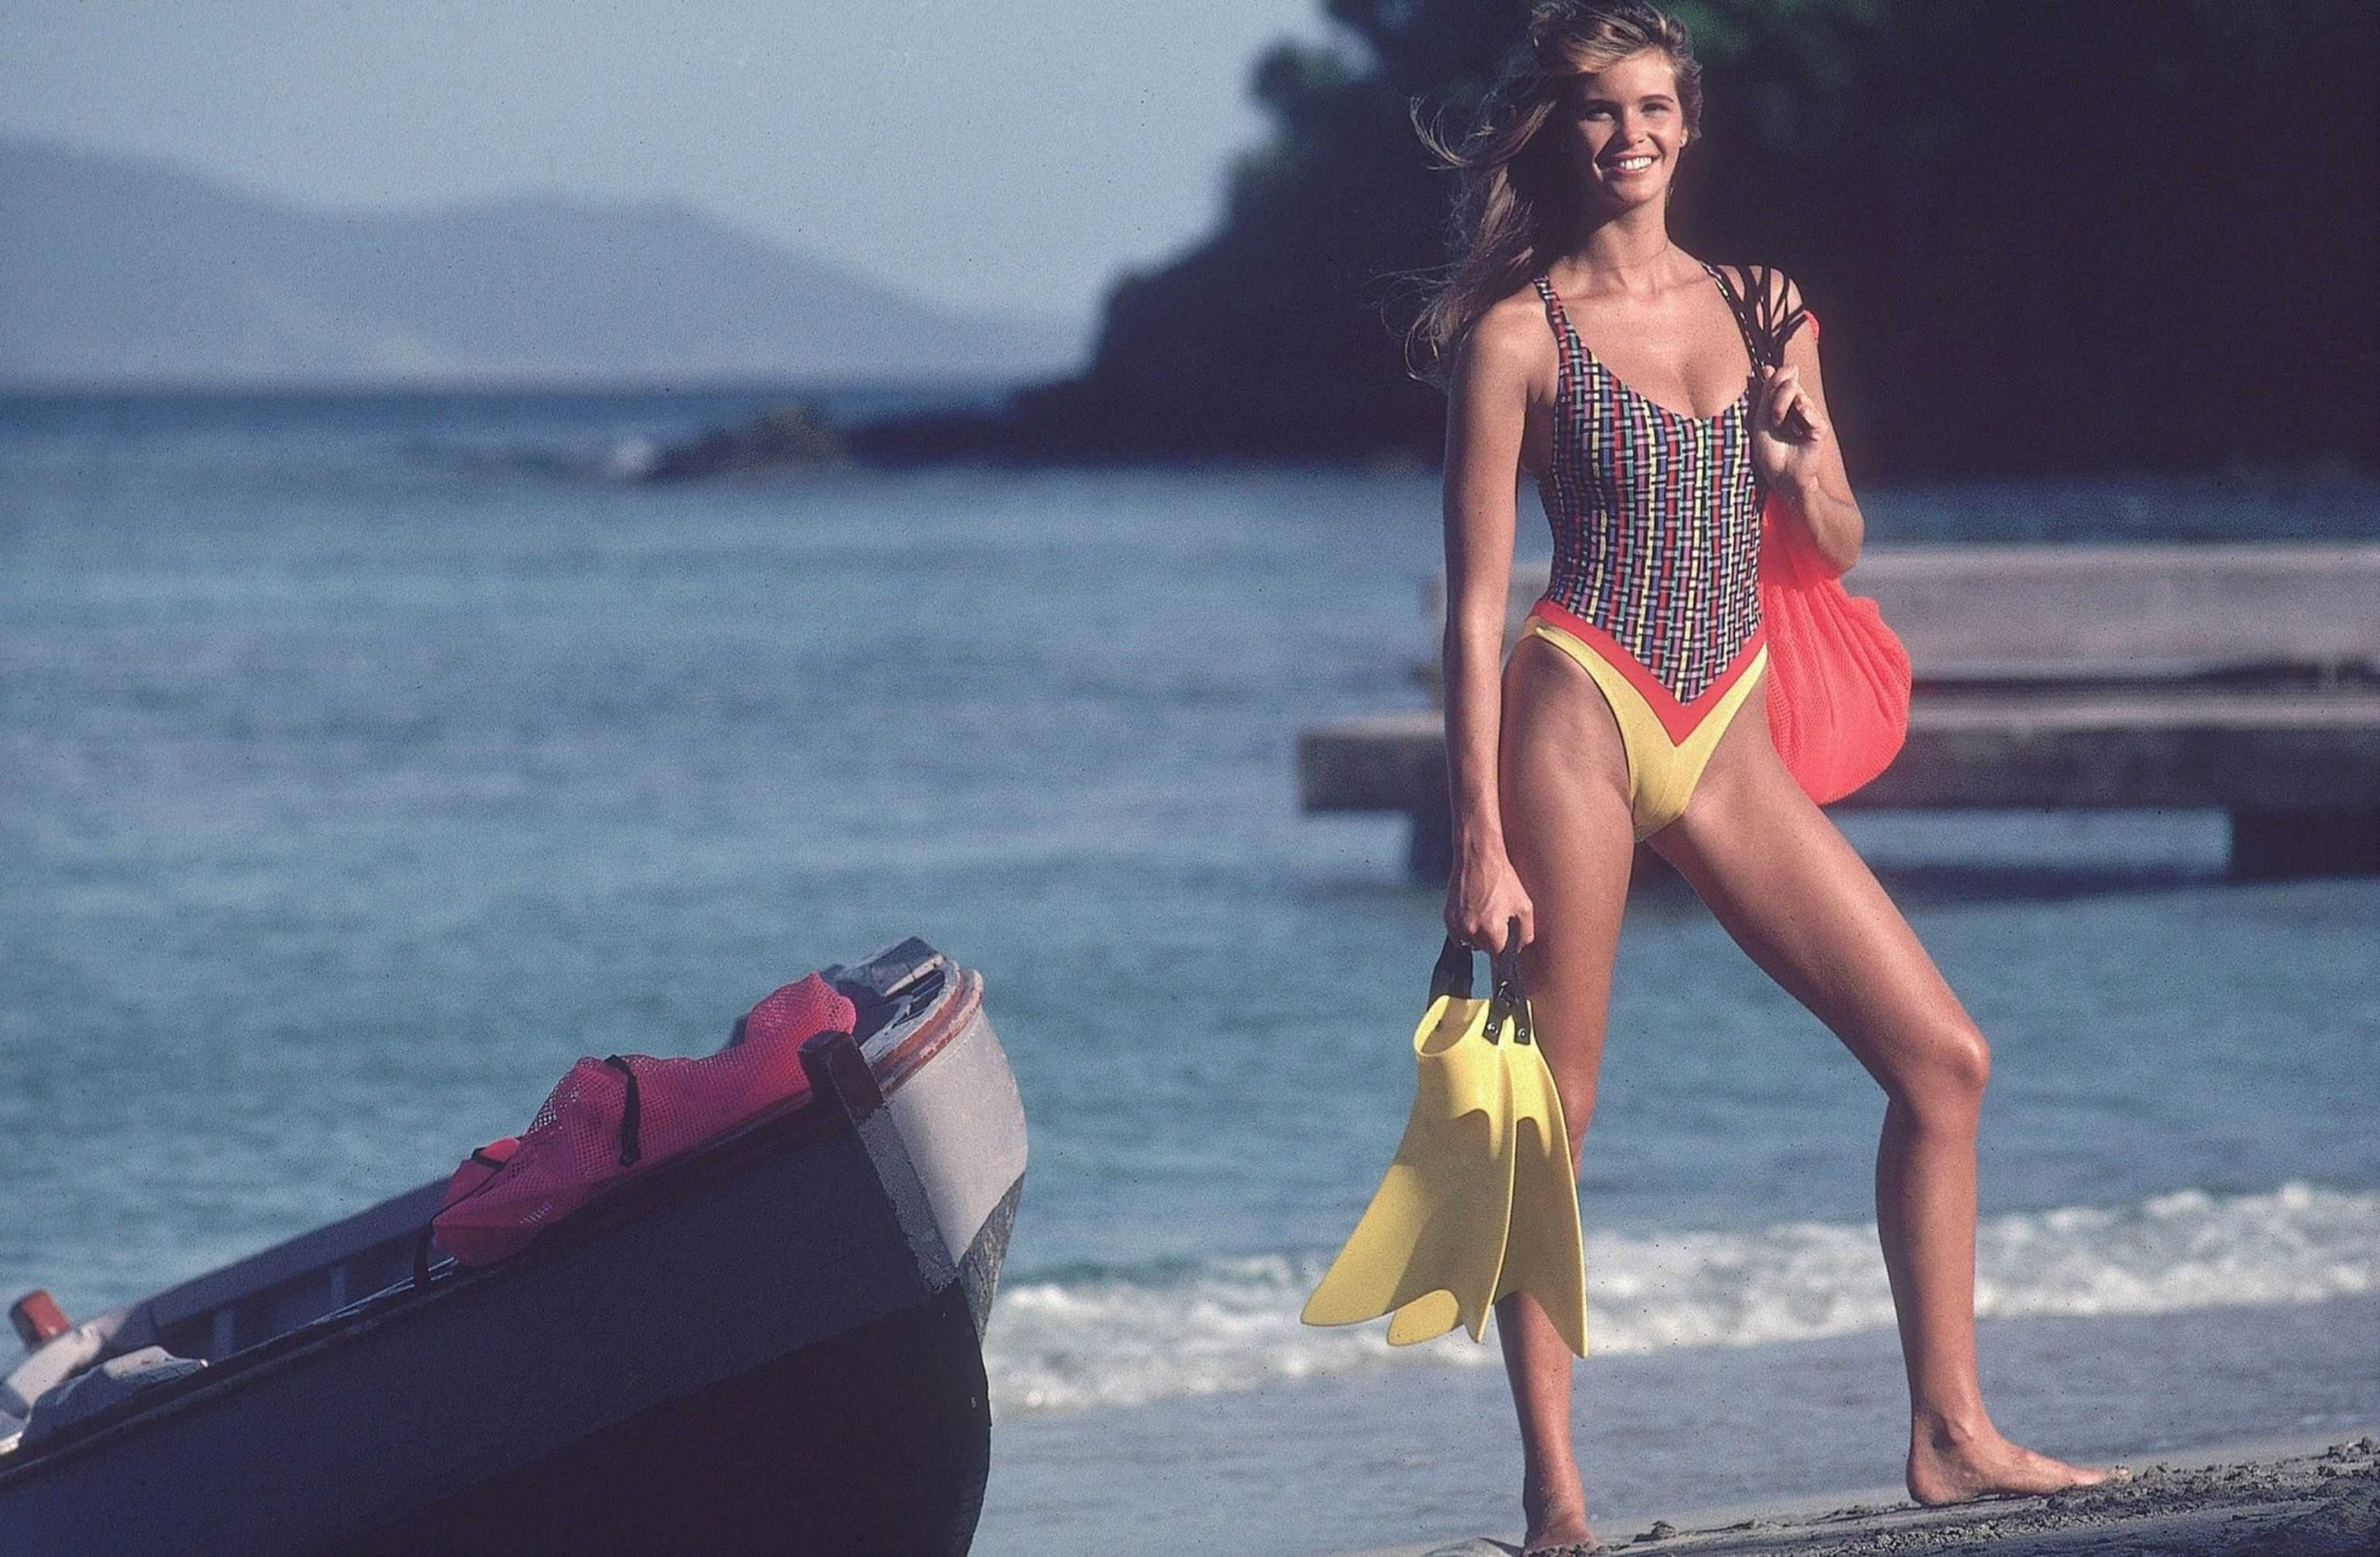 Elle Macpherson swim suit